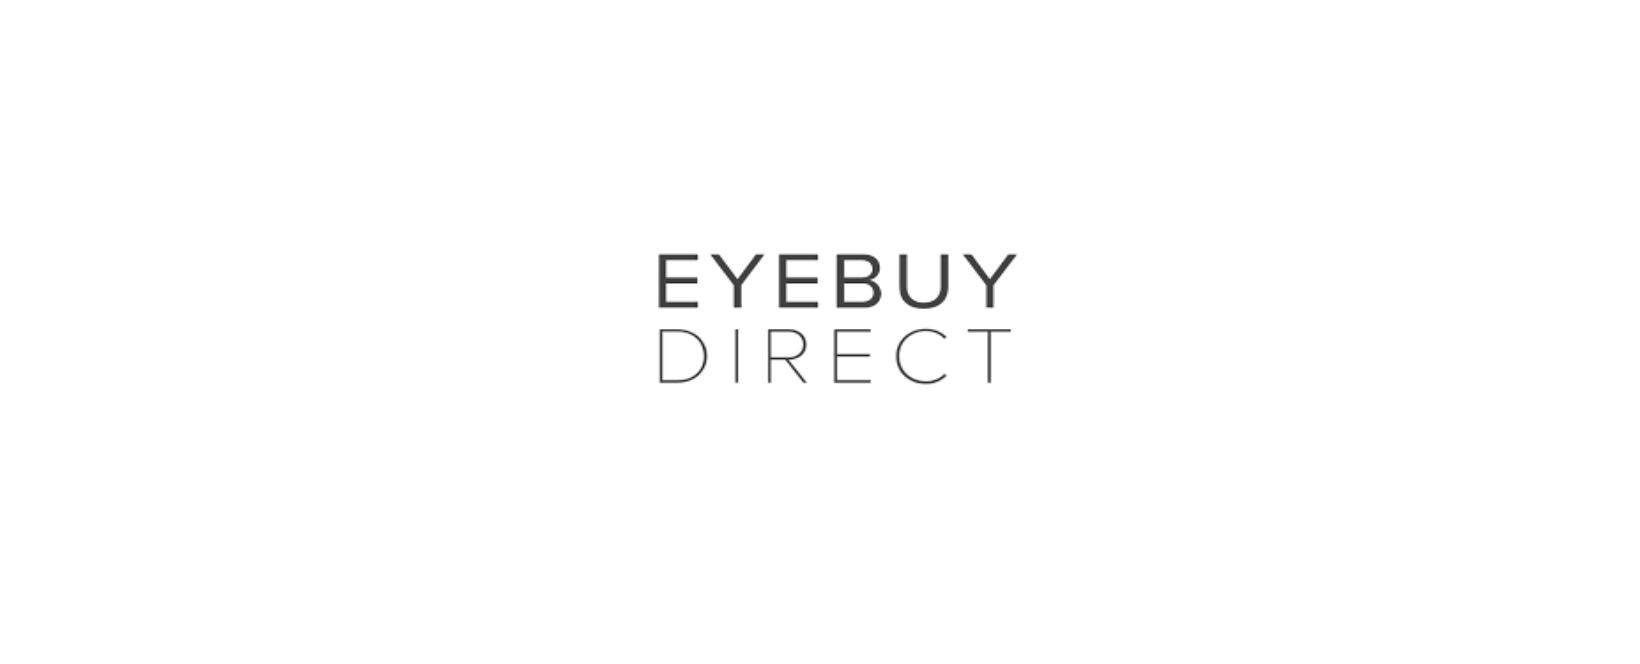 EyeBuyDirect Discount Code 2021